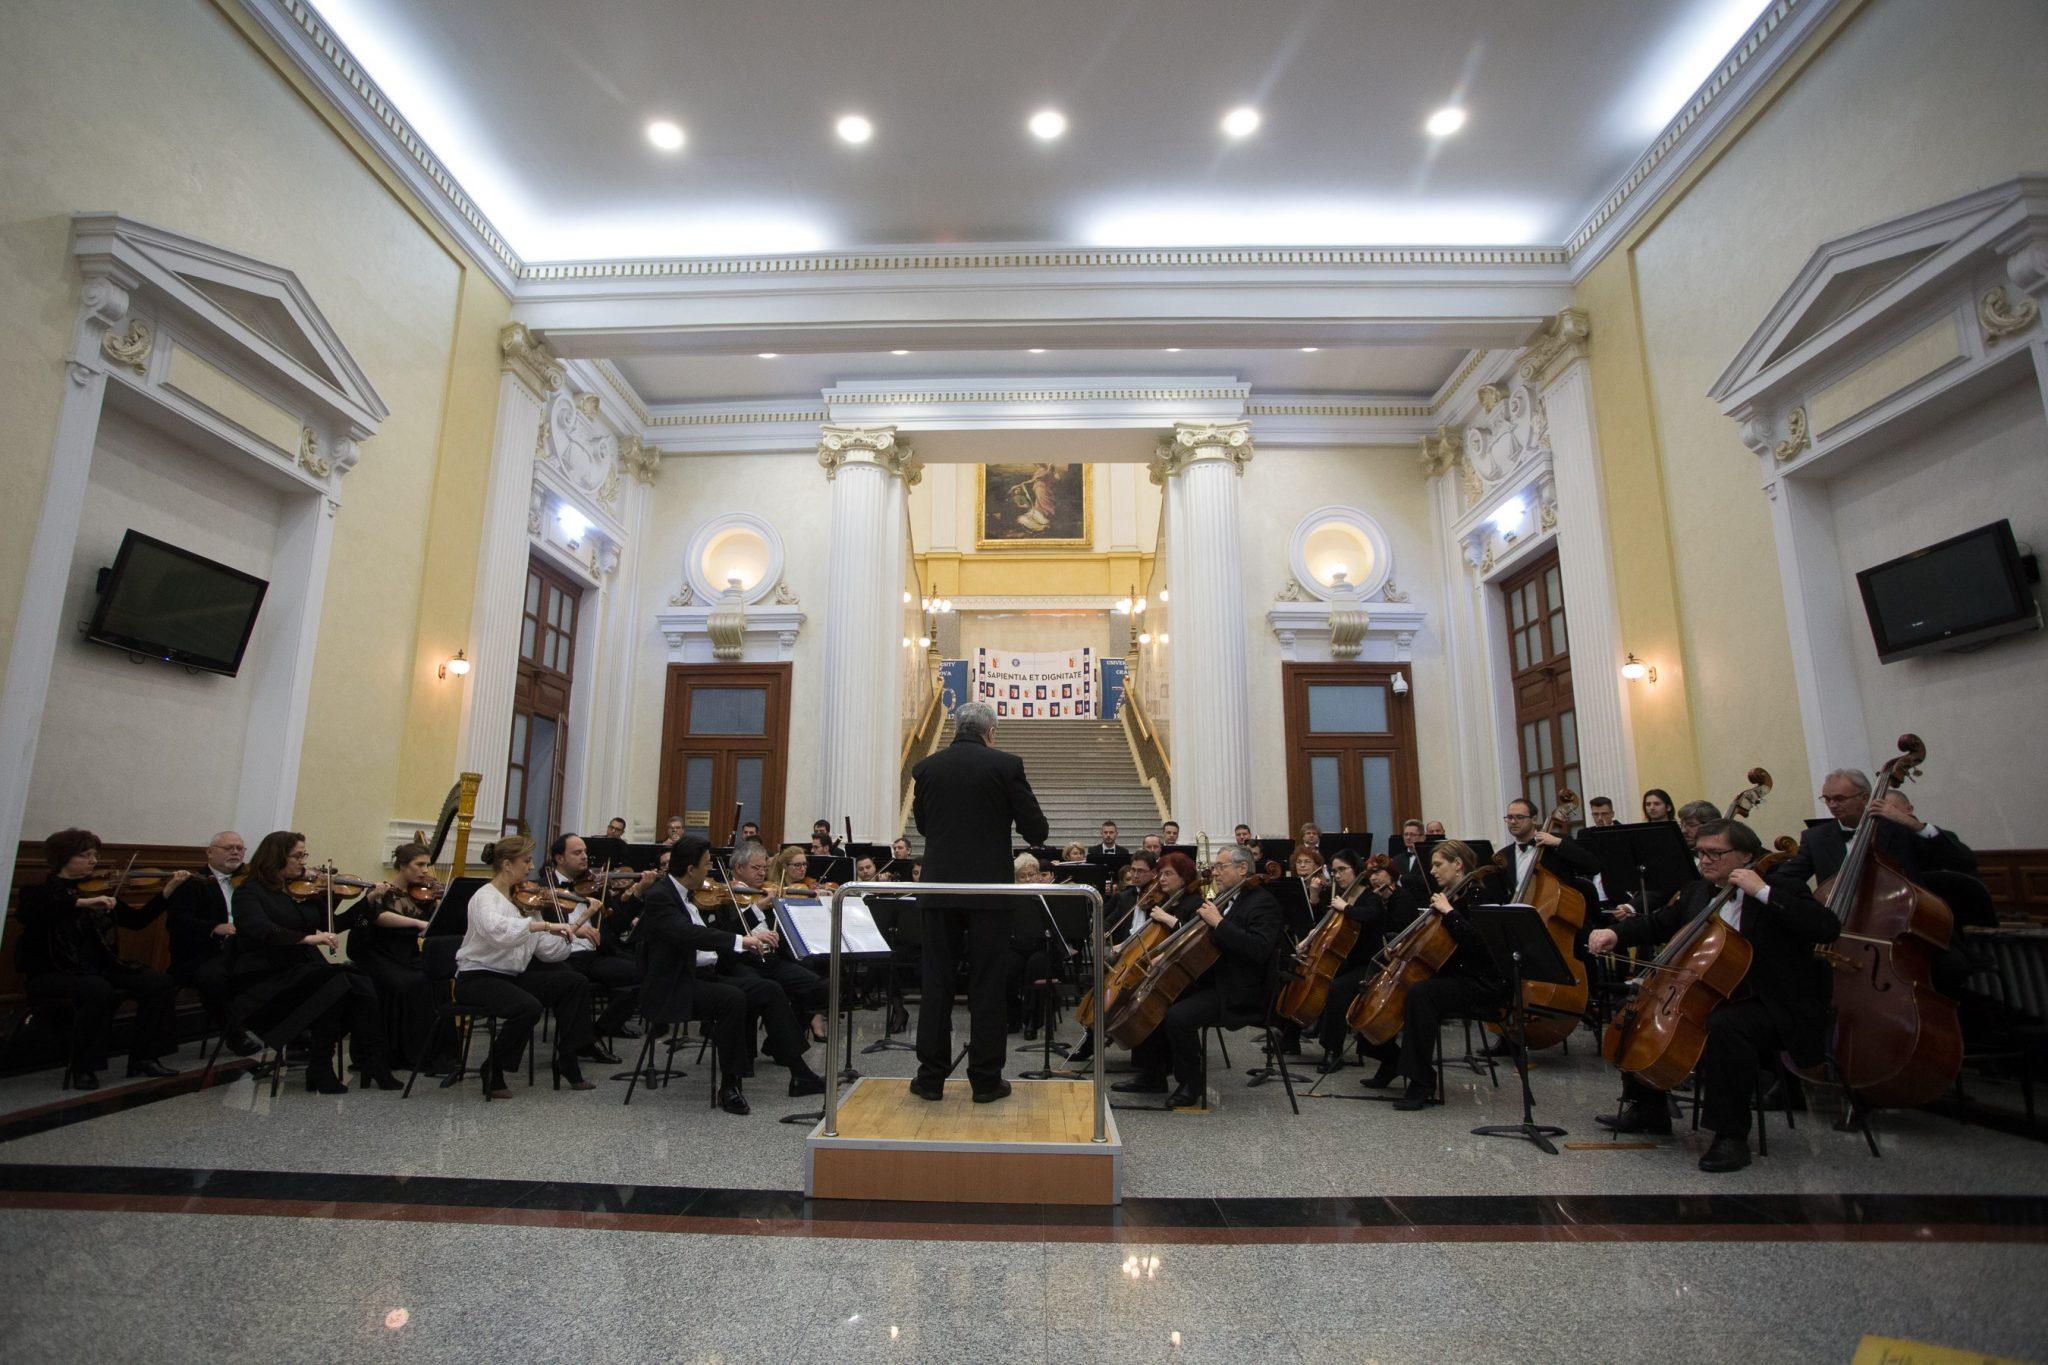 VIDEO/ Concert simfonic de Ziua Olteniei, în holul Universităţii din Craiova